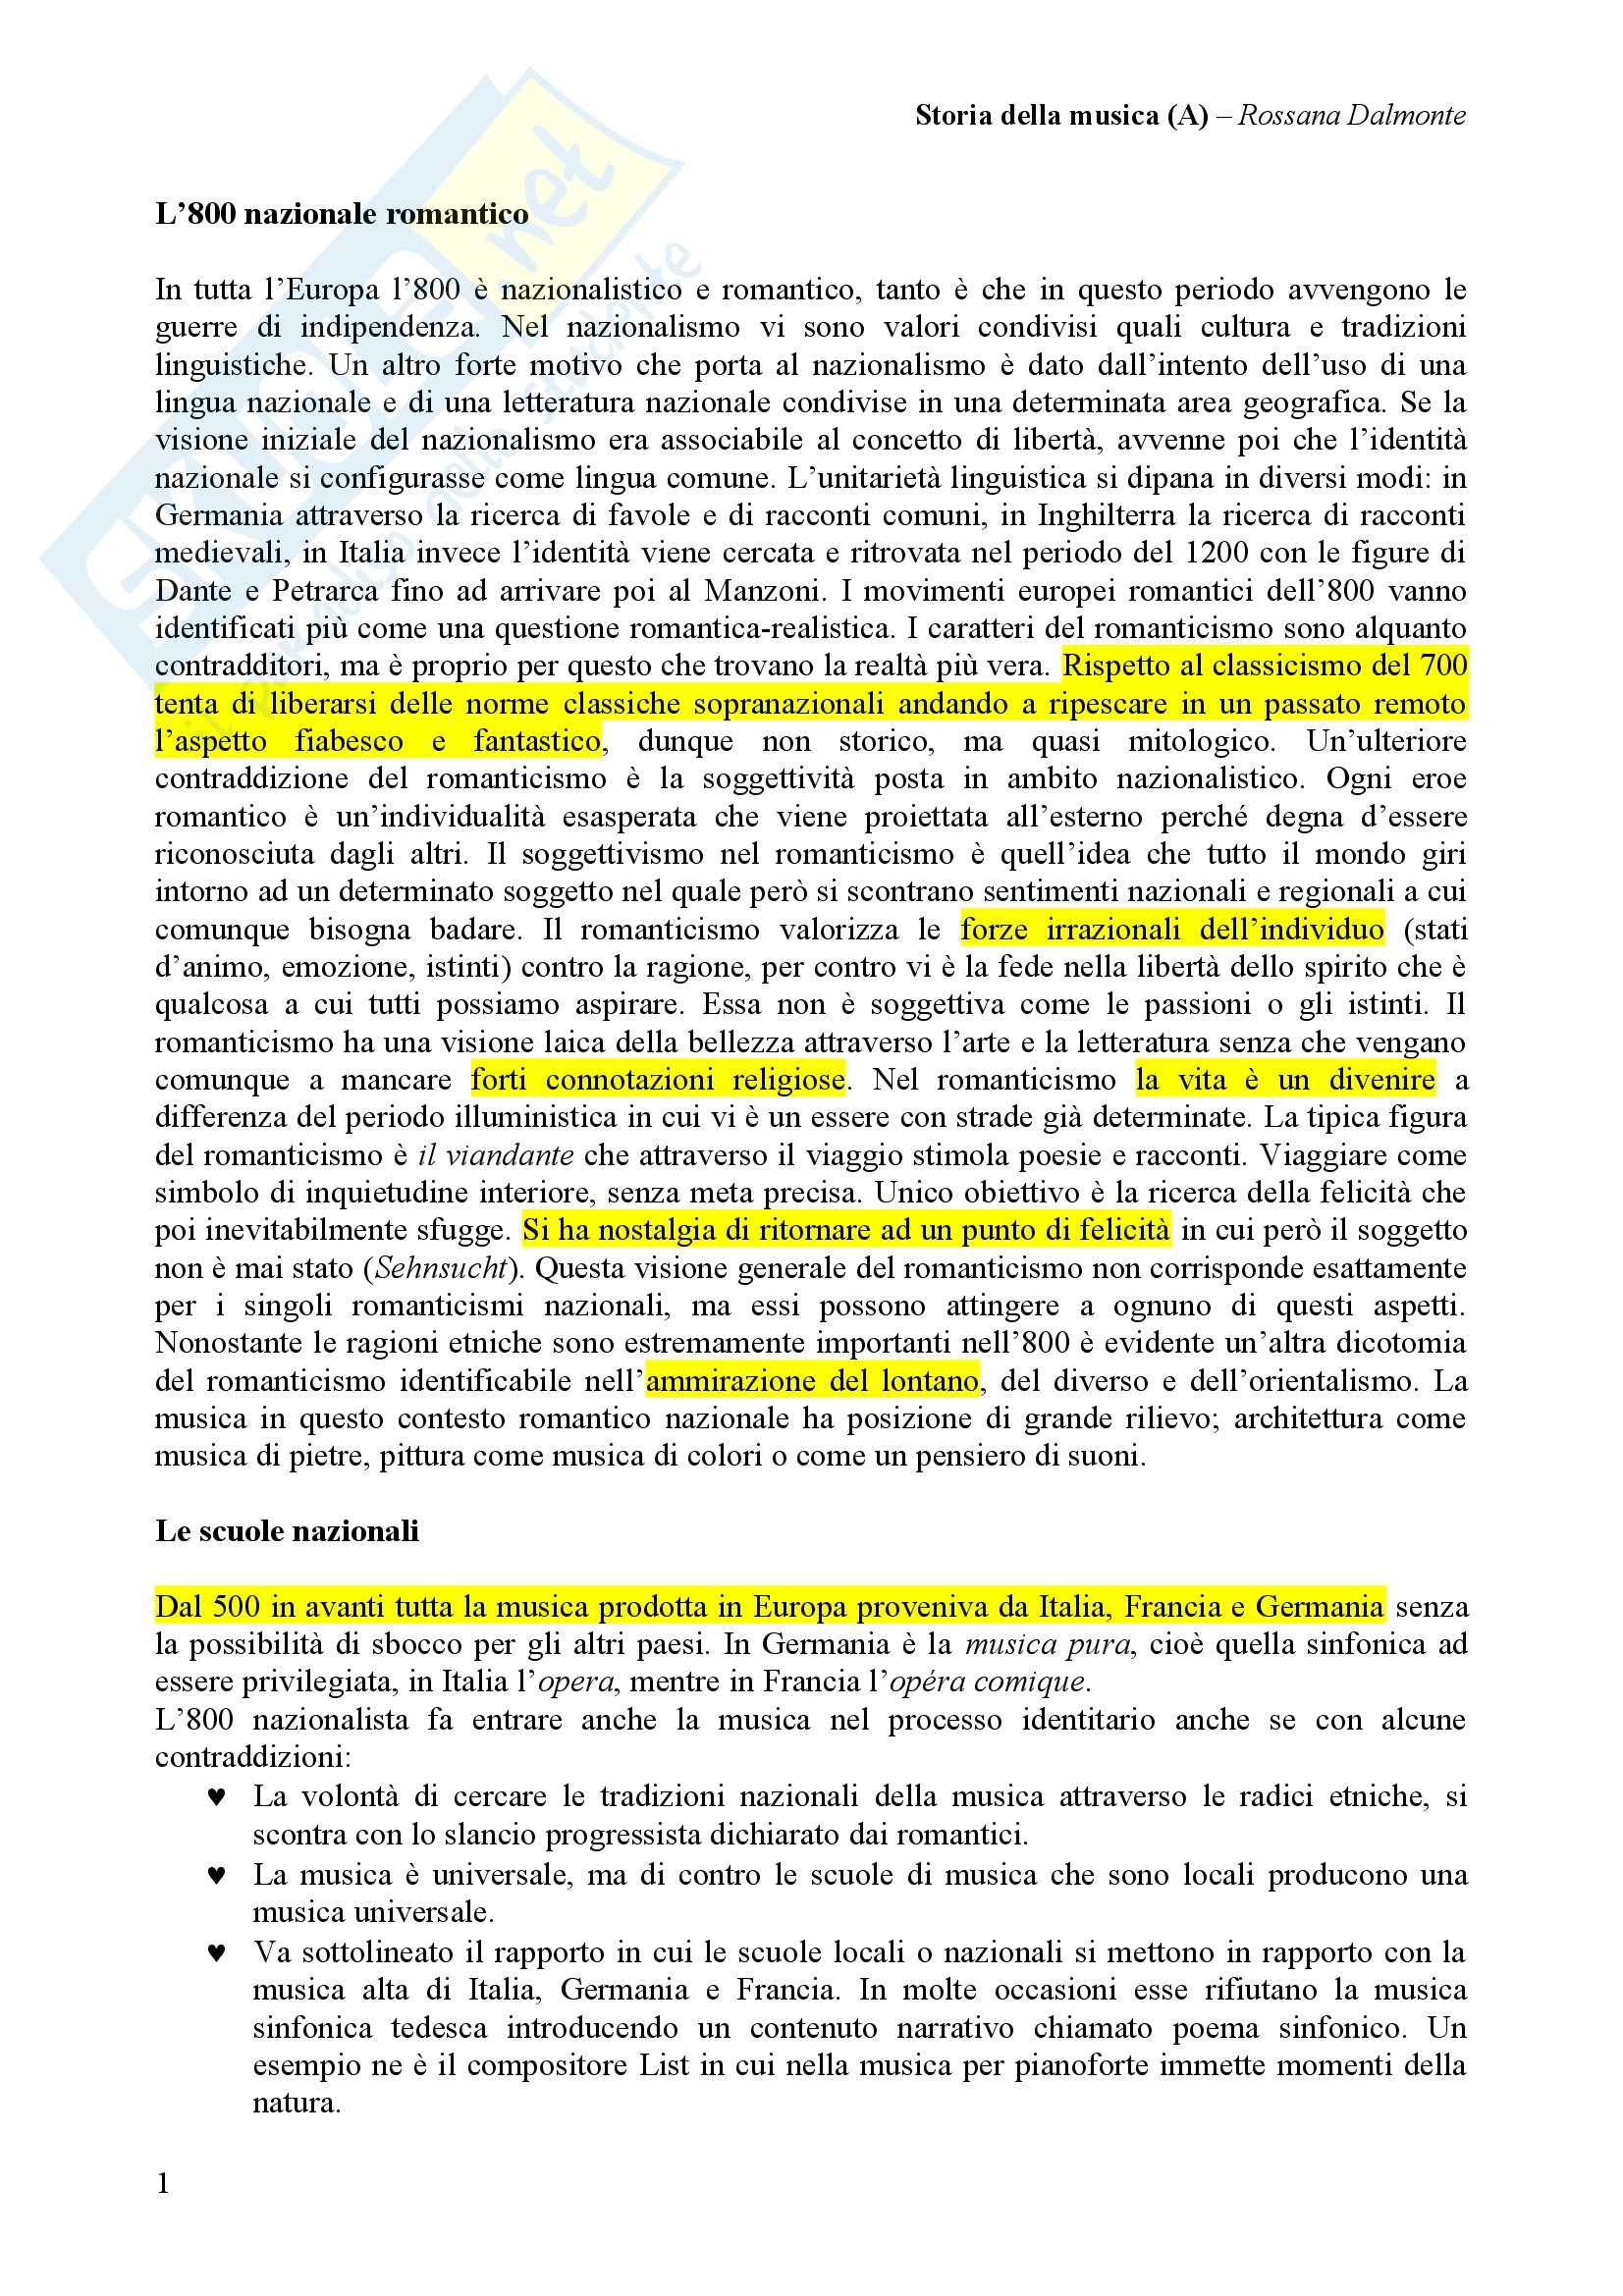 Storia della musica - Dalmonte